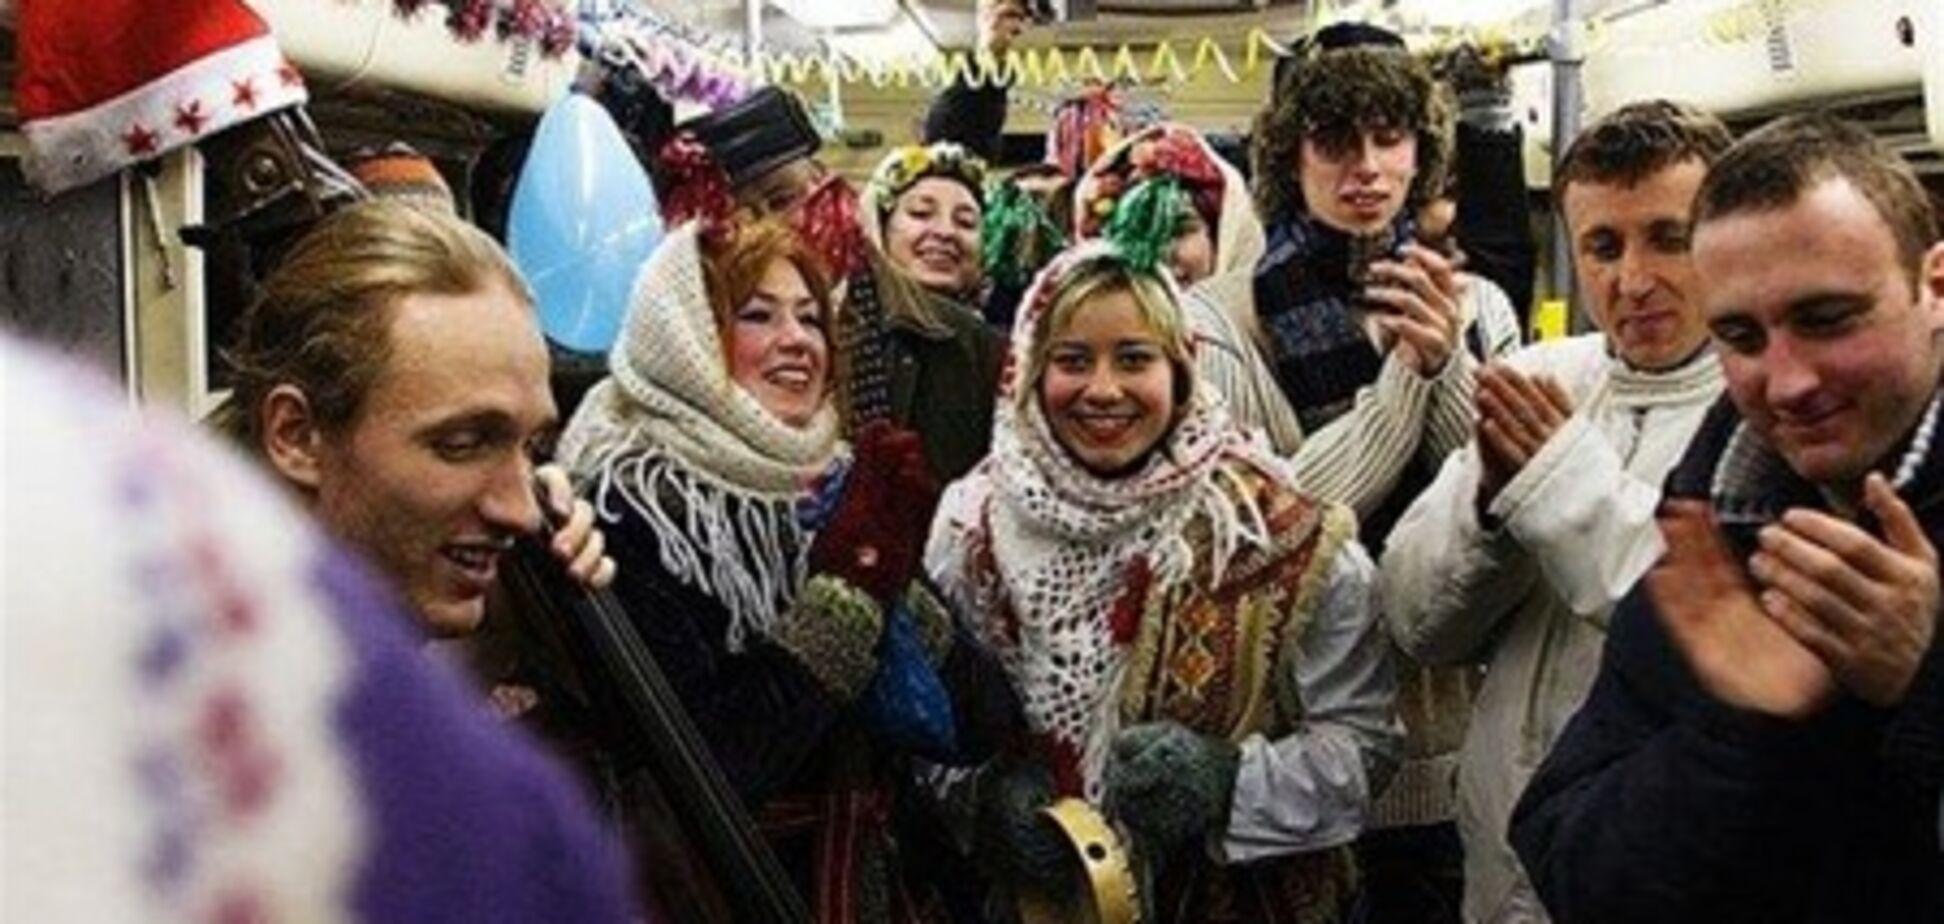 На Різдво у Харкові з'являється 'арт-трамвай'